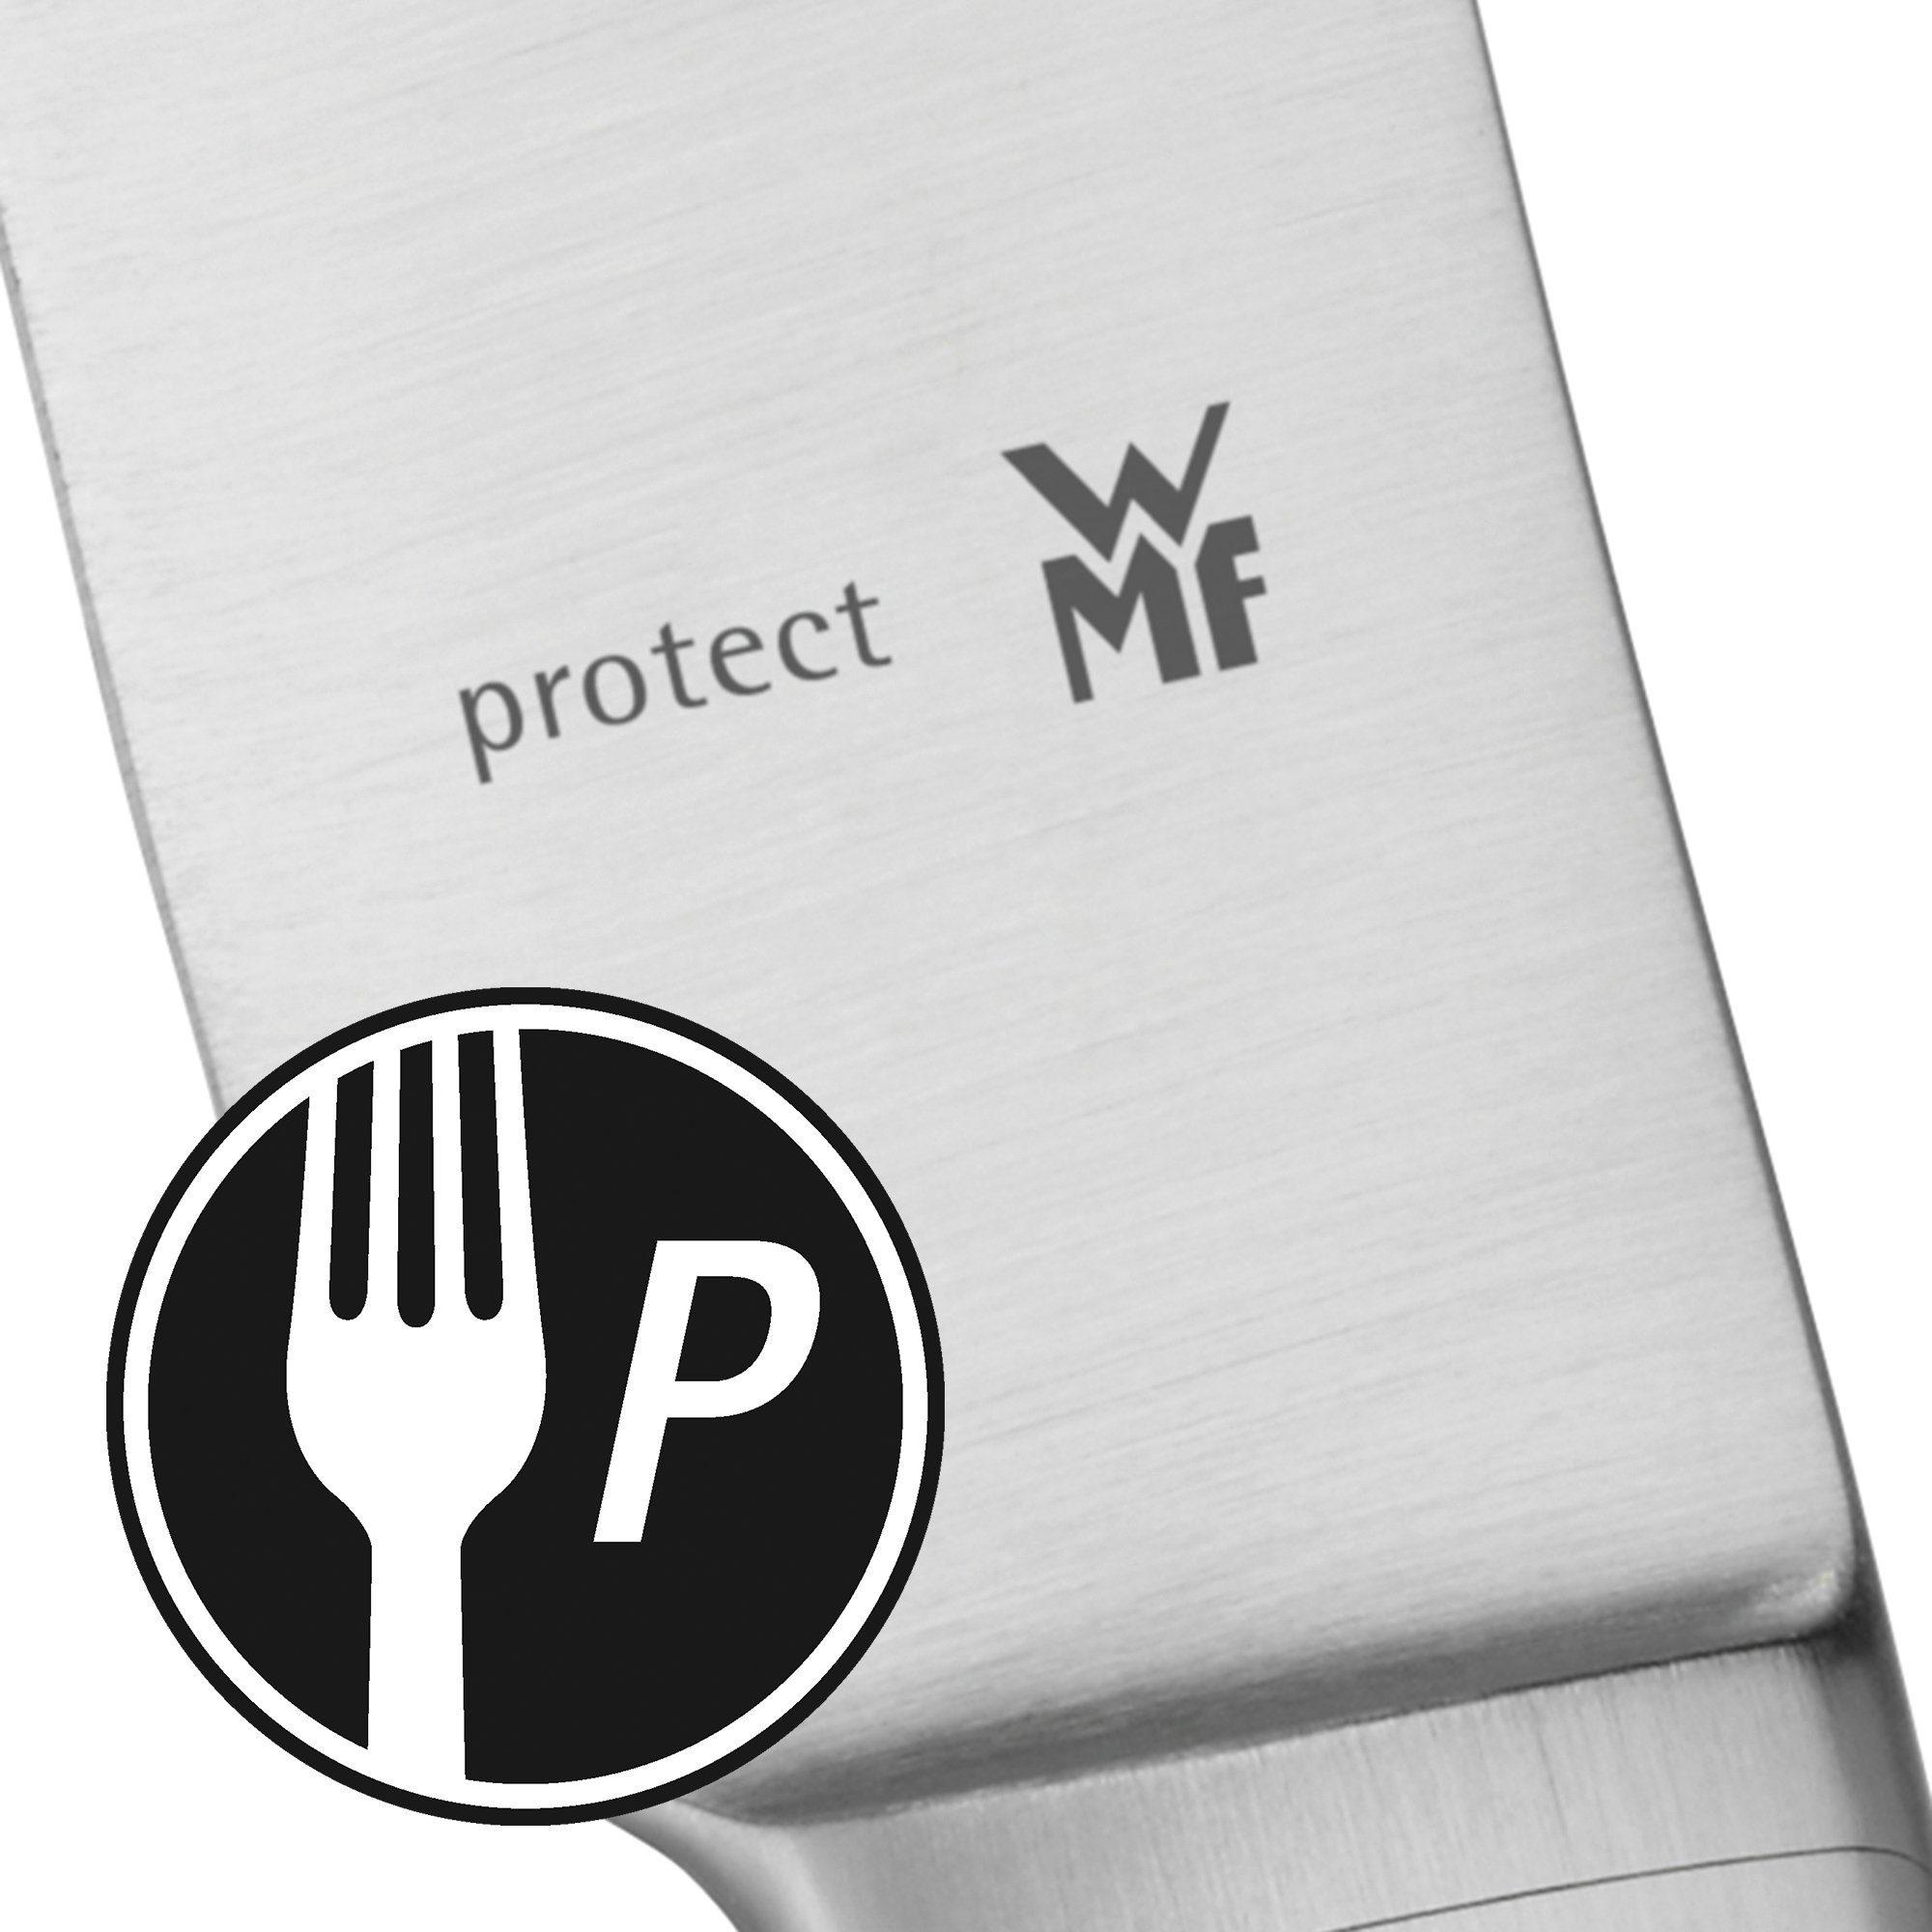 WMF Servierlöffel Jette Wohnen/Haushalt/Haushaltswaren/Besteck & Messer/Besteck-Einzelteile